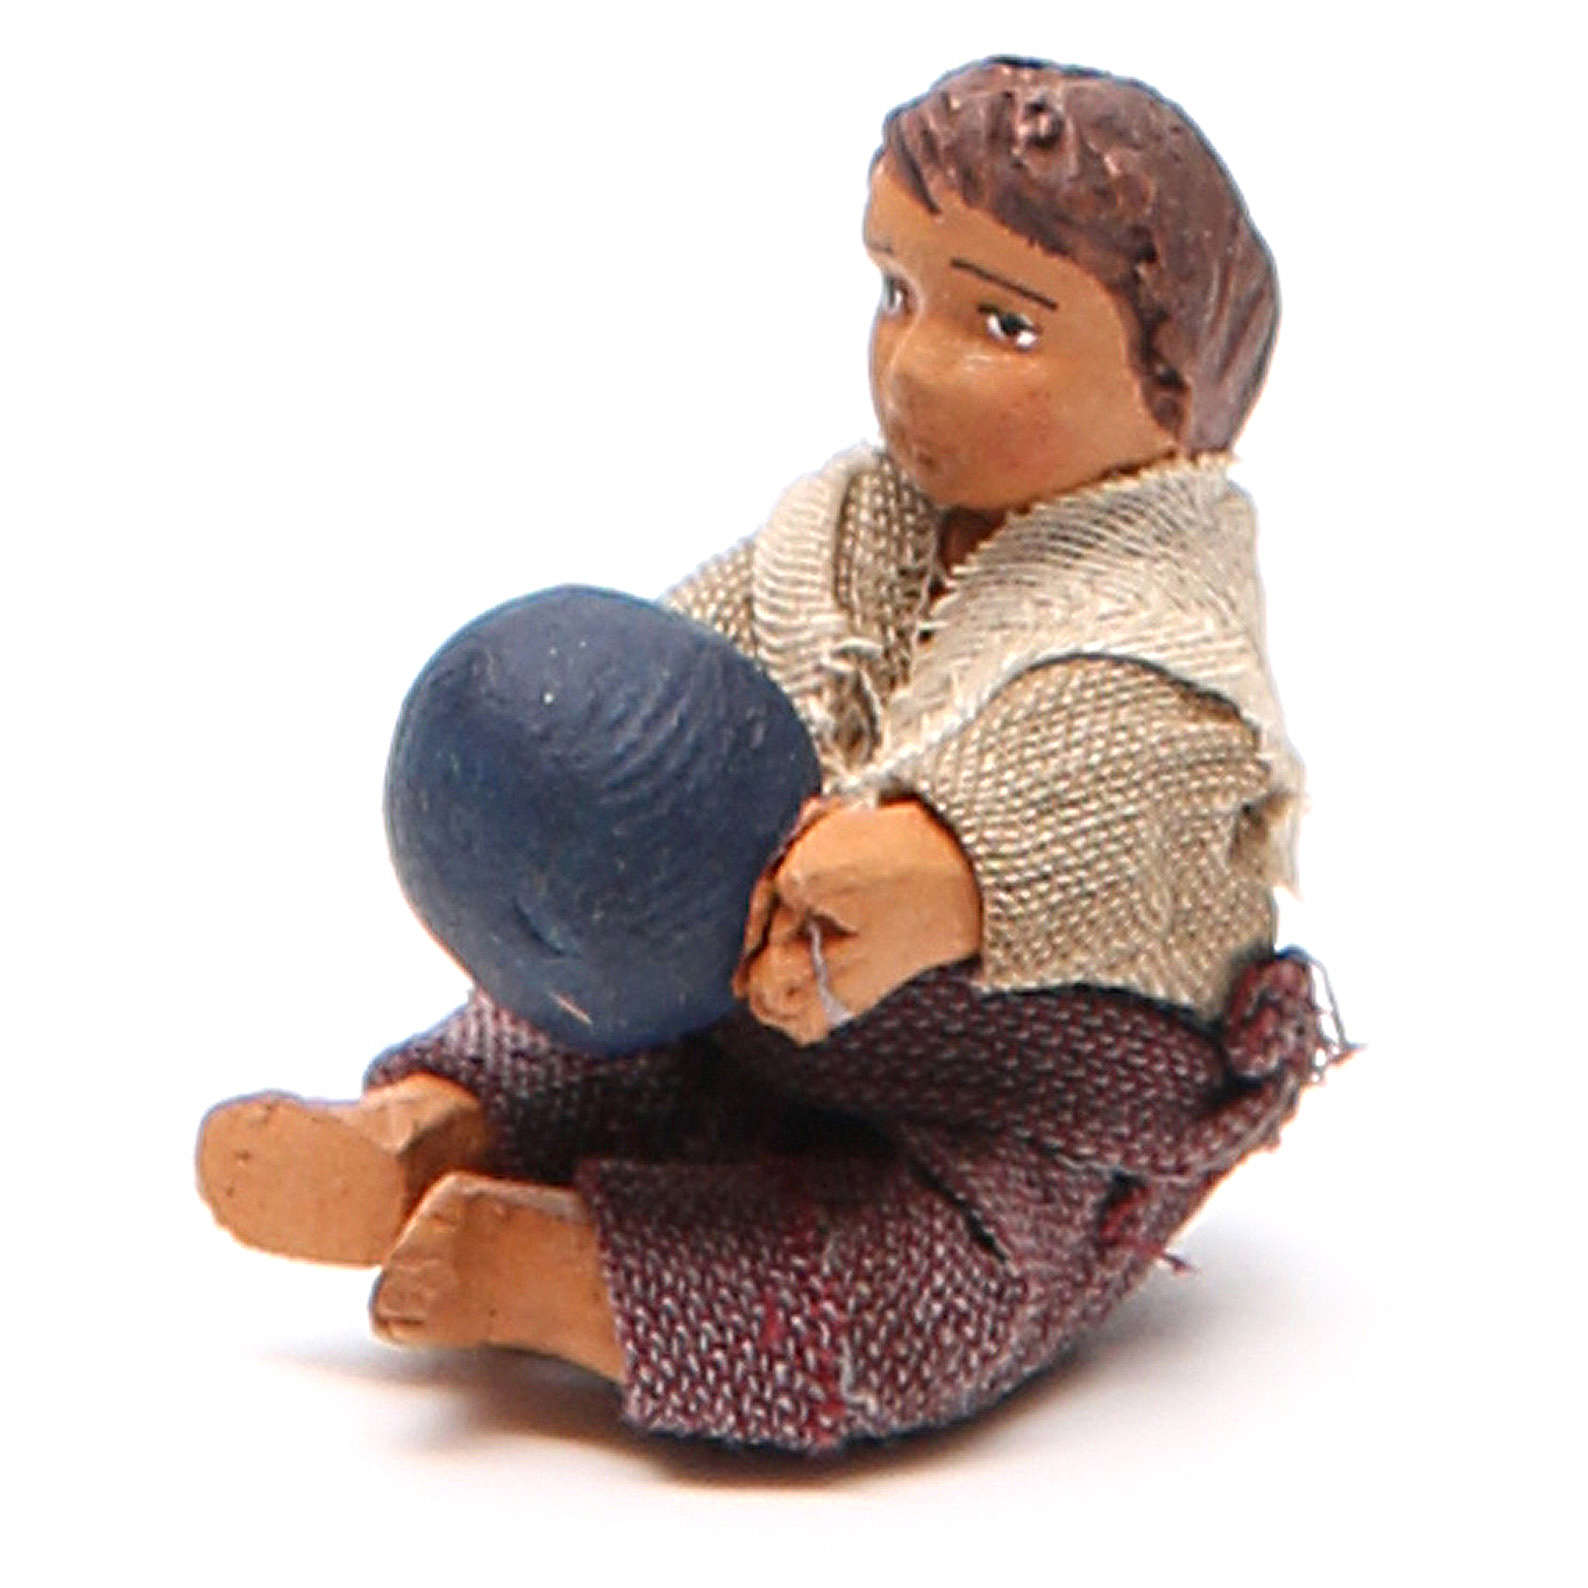 Fanciullo con palla seduto 10 cm presepe napoletano 4